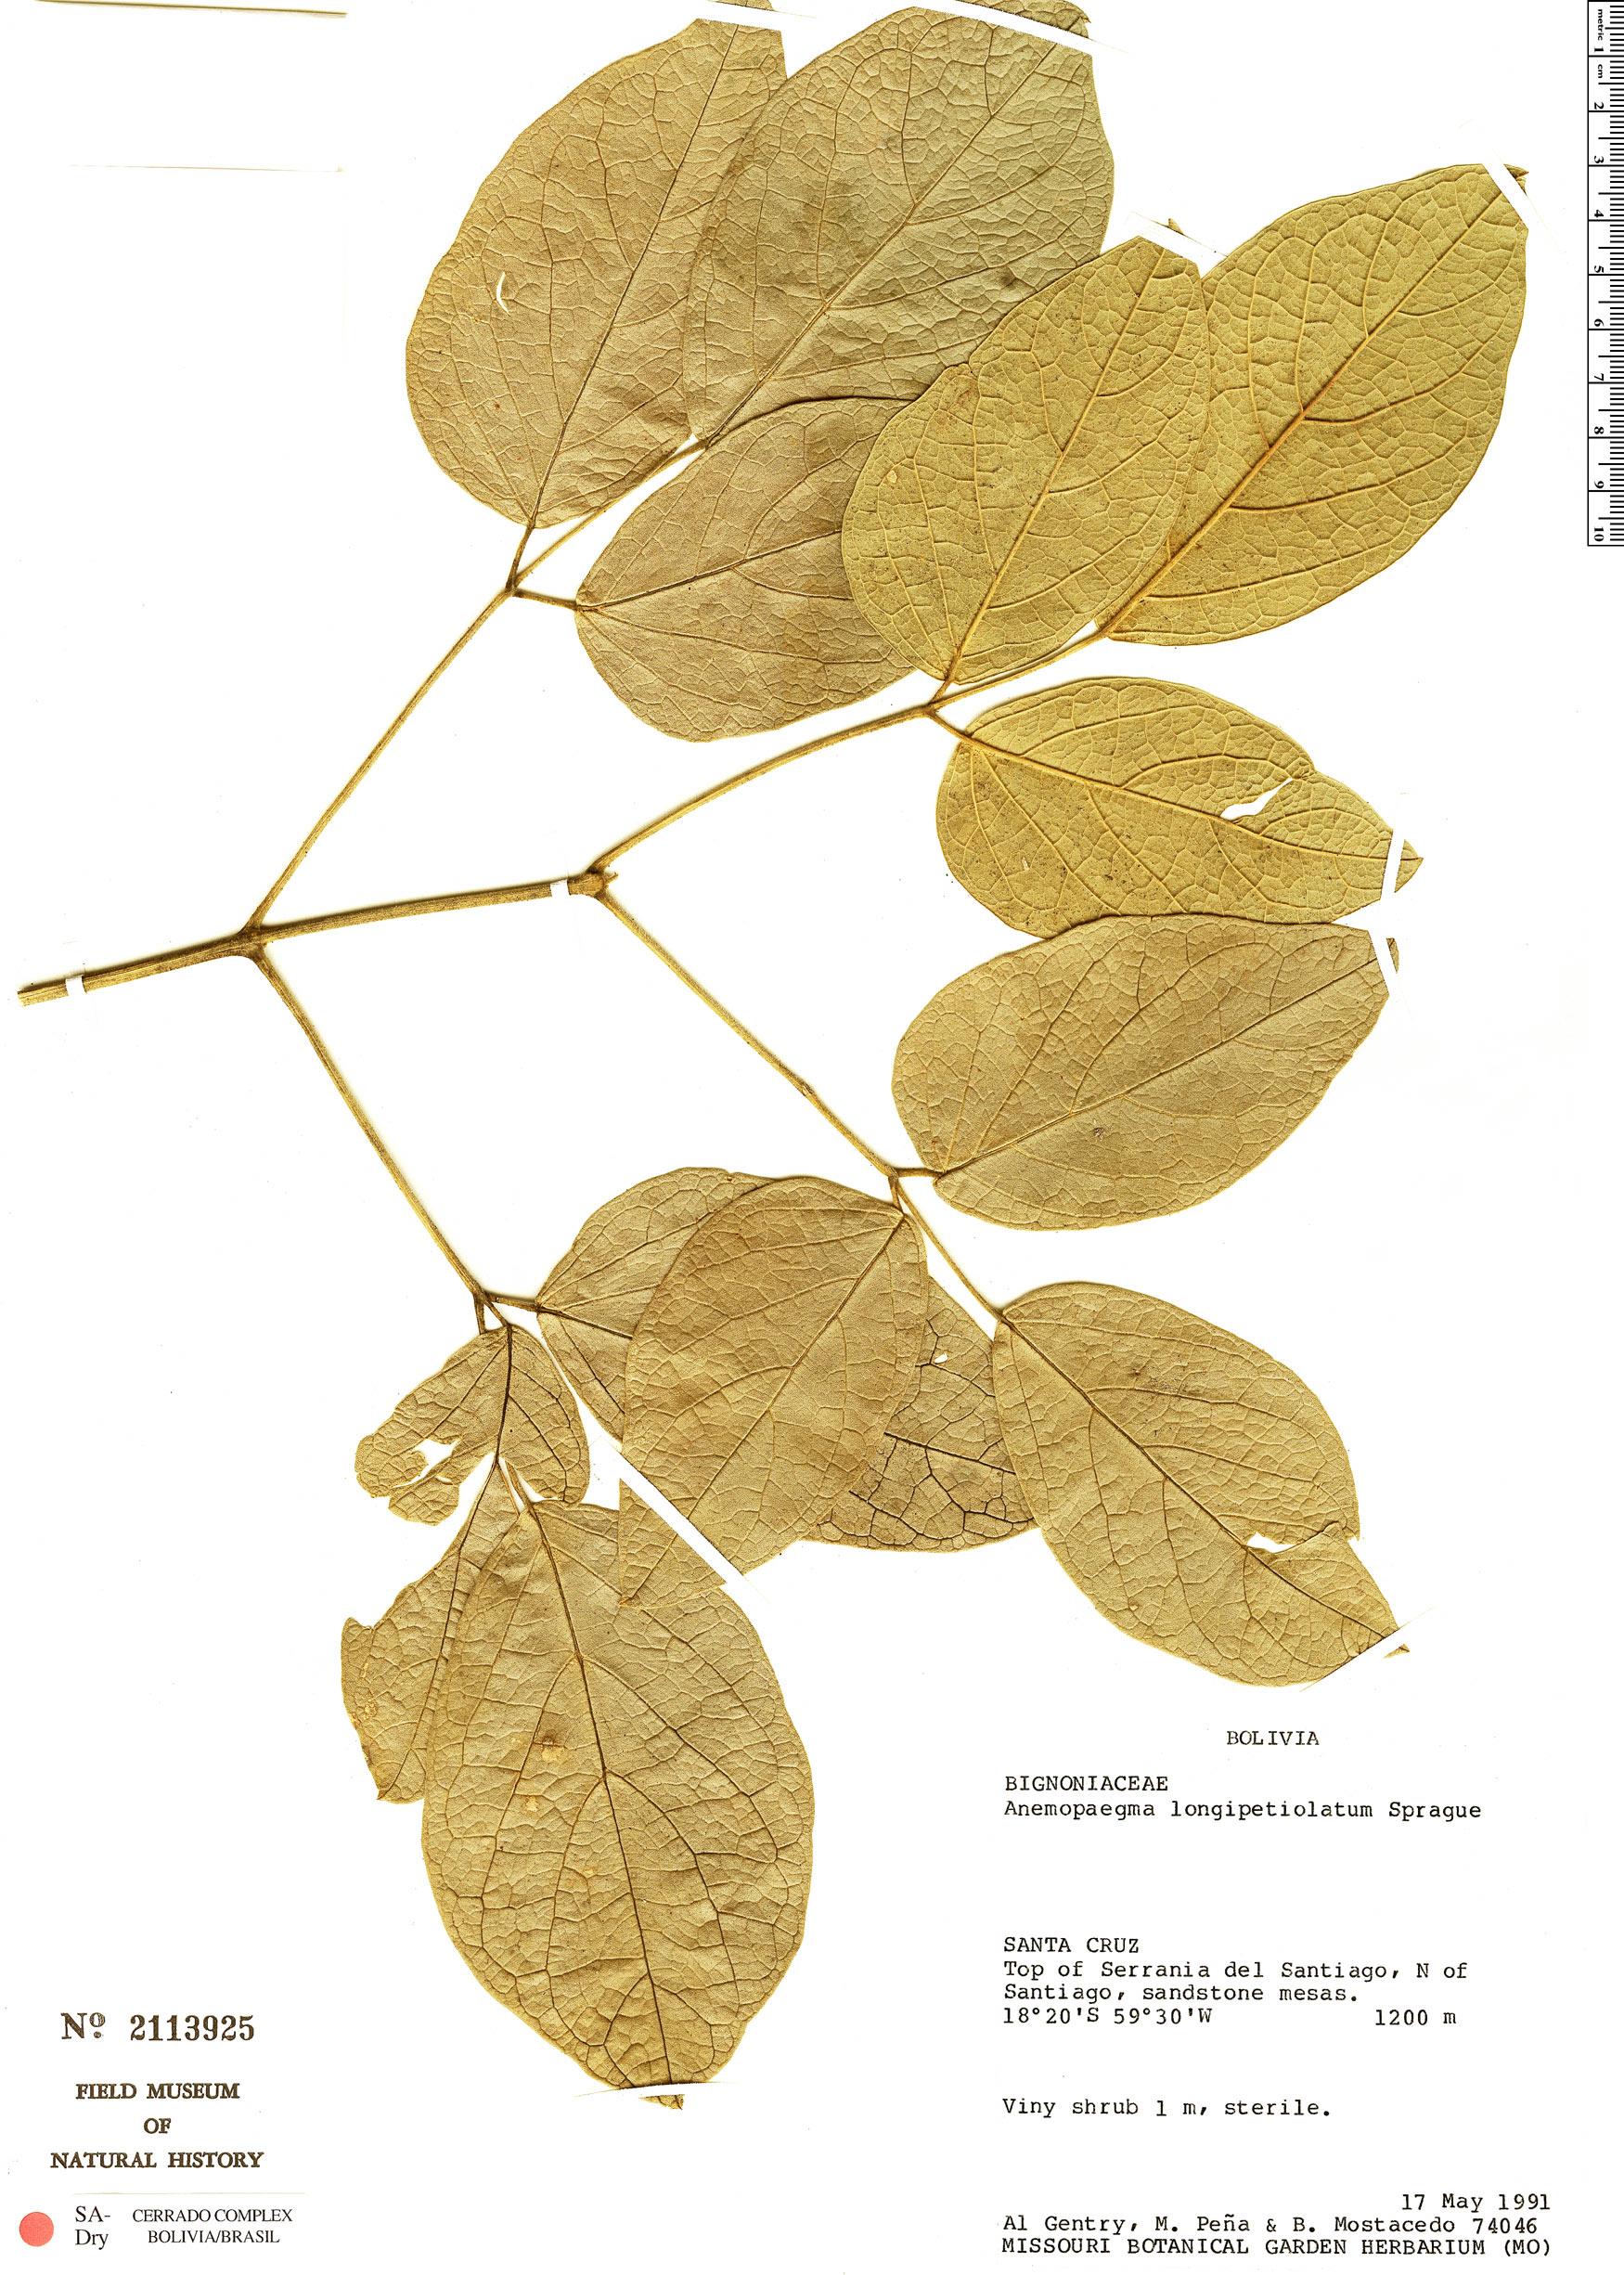 Specimen: Anemopaegma longipetiolatum